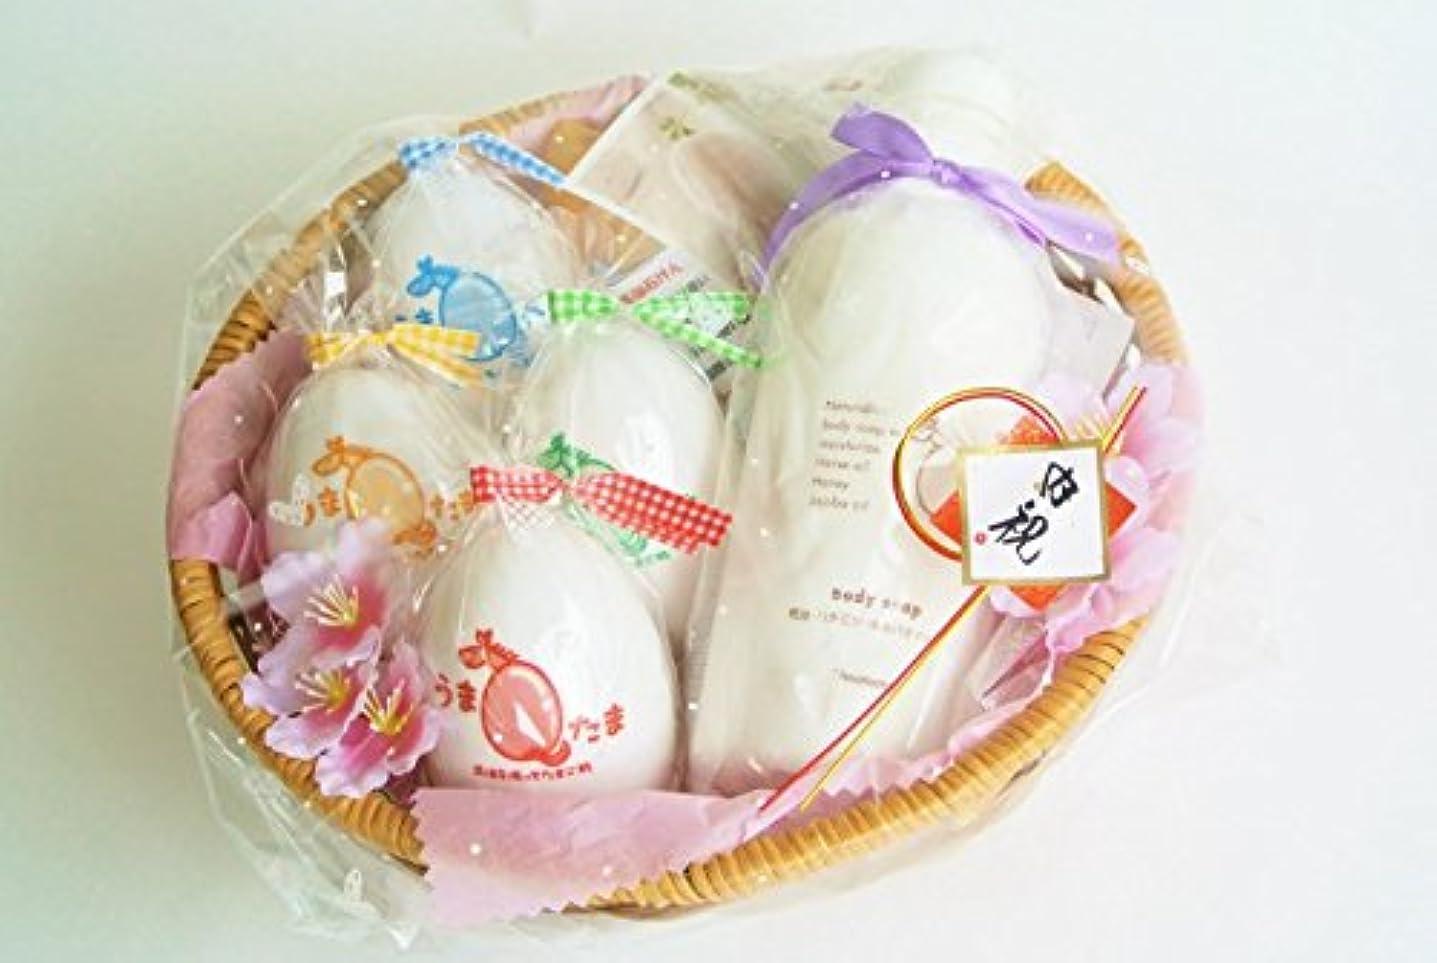 山積みの刺しますしたがってUmatama(ウマタマ) 馬油石鹸うまたま4種類と馬油のボディソープのギフトセット!出産祝い?内祝い?結婚祝い?誕生日祝いにおススメです!